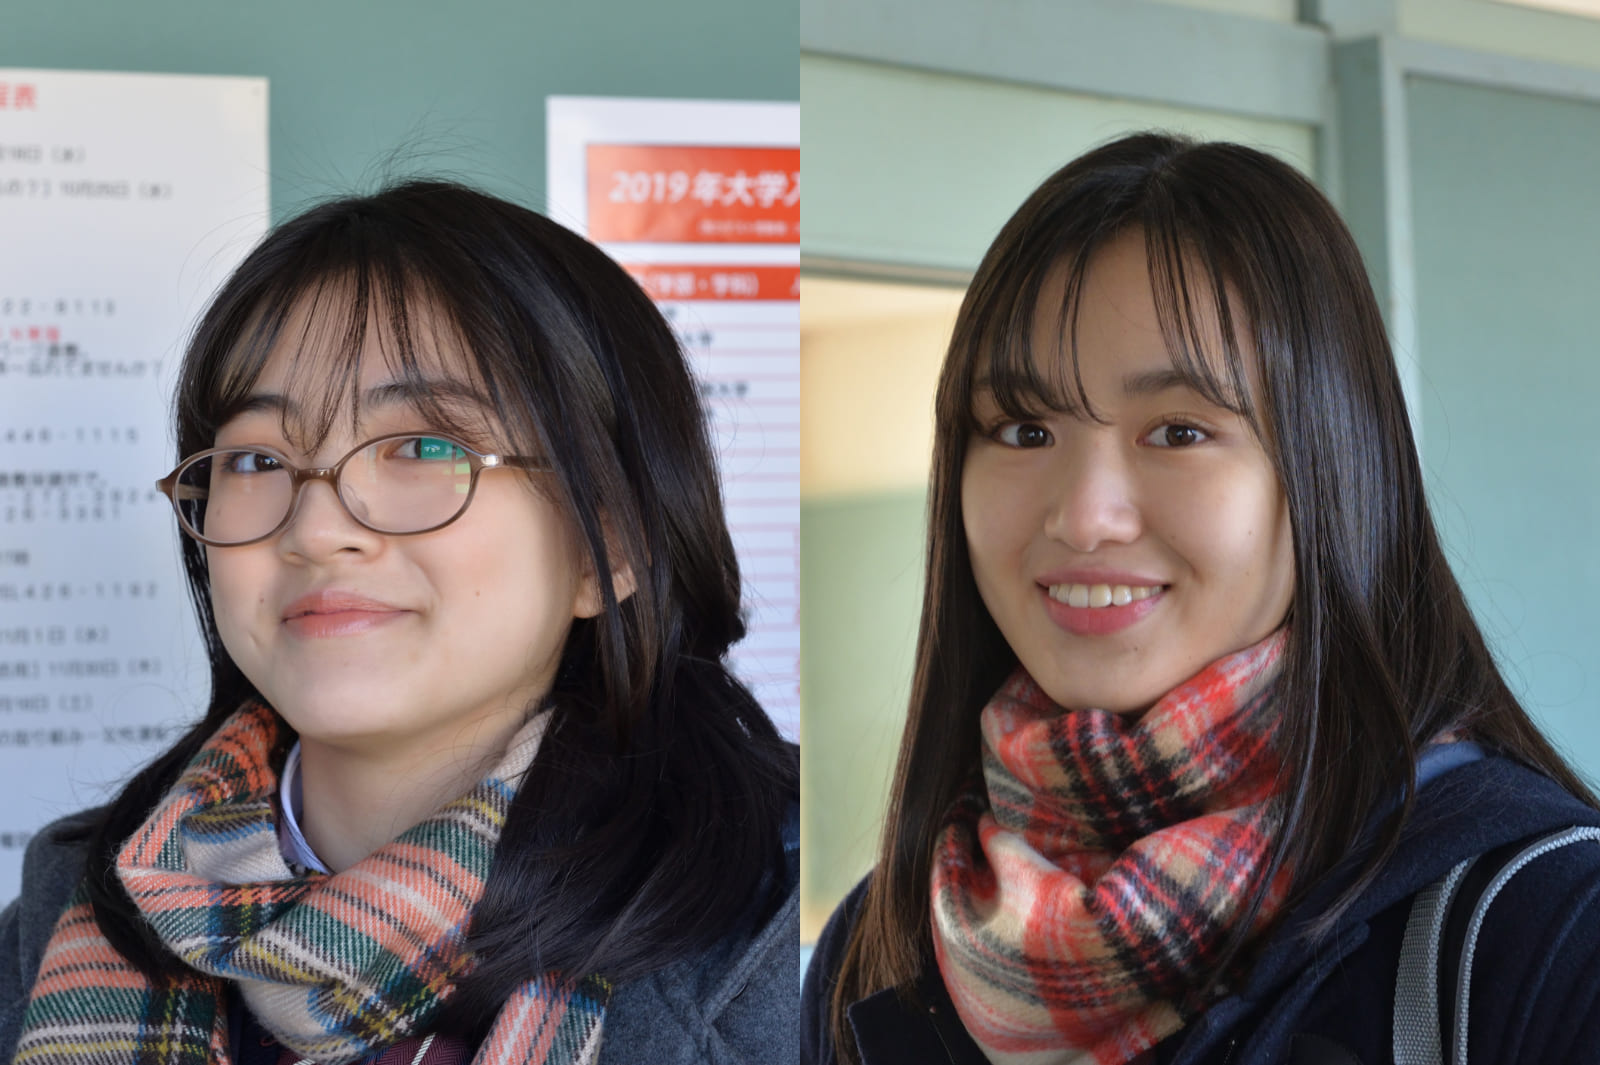 【次世代CM女優は誰だ】さくら、松山莉奈に注目せよ!ホットペッパービューティー新WEB動画に出演中